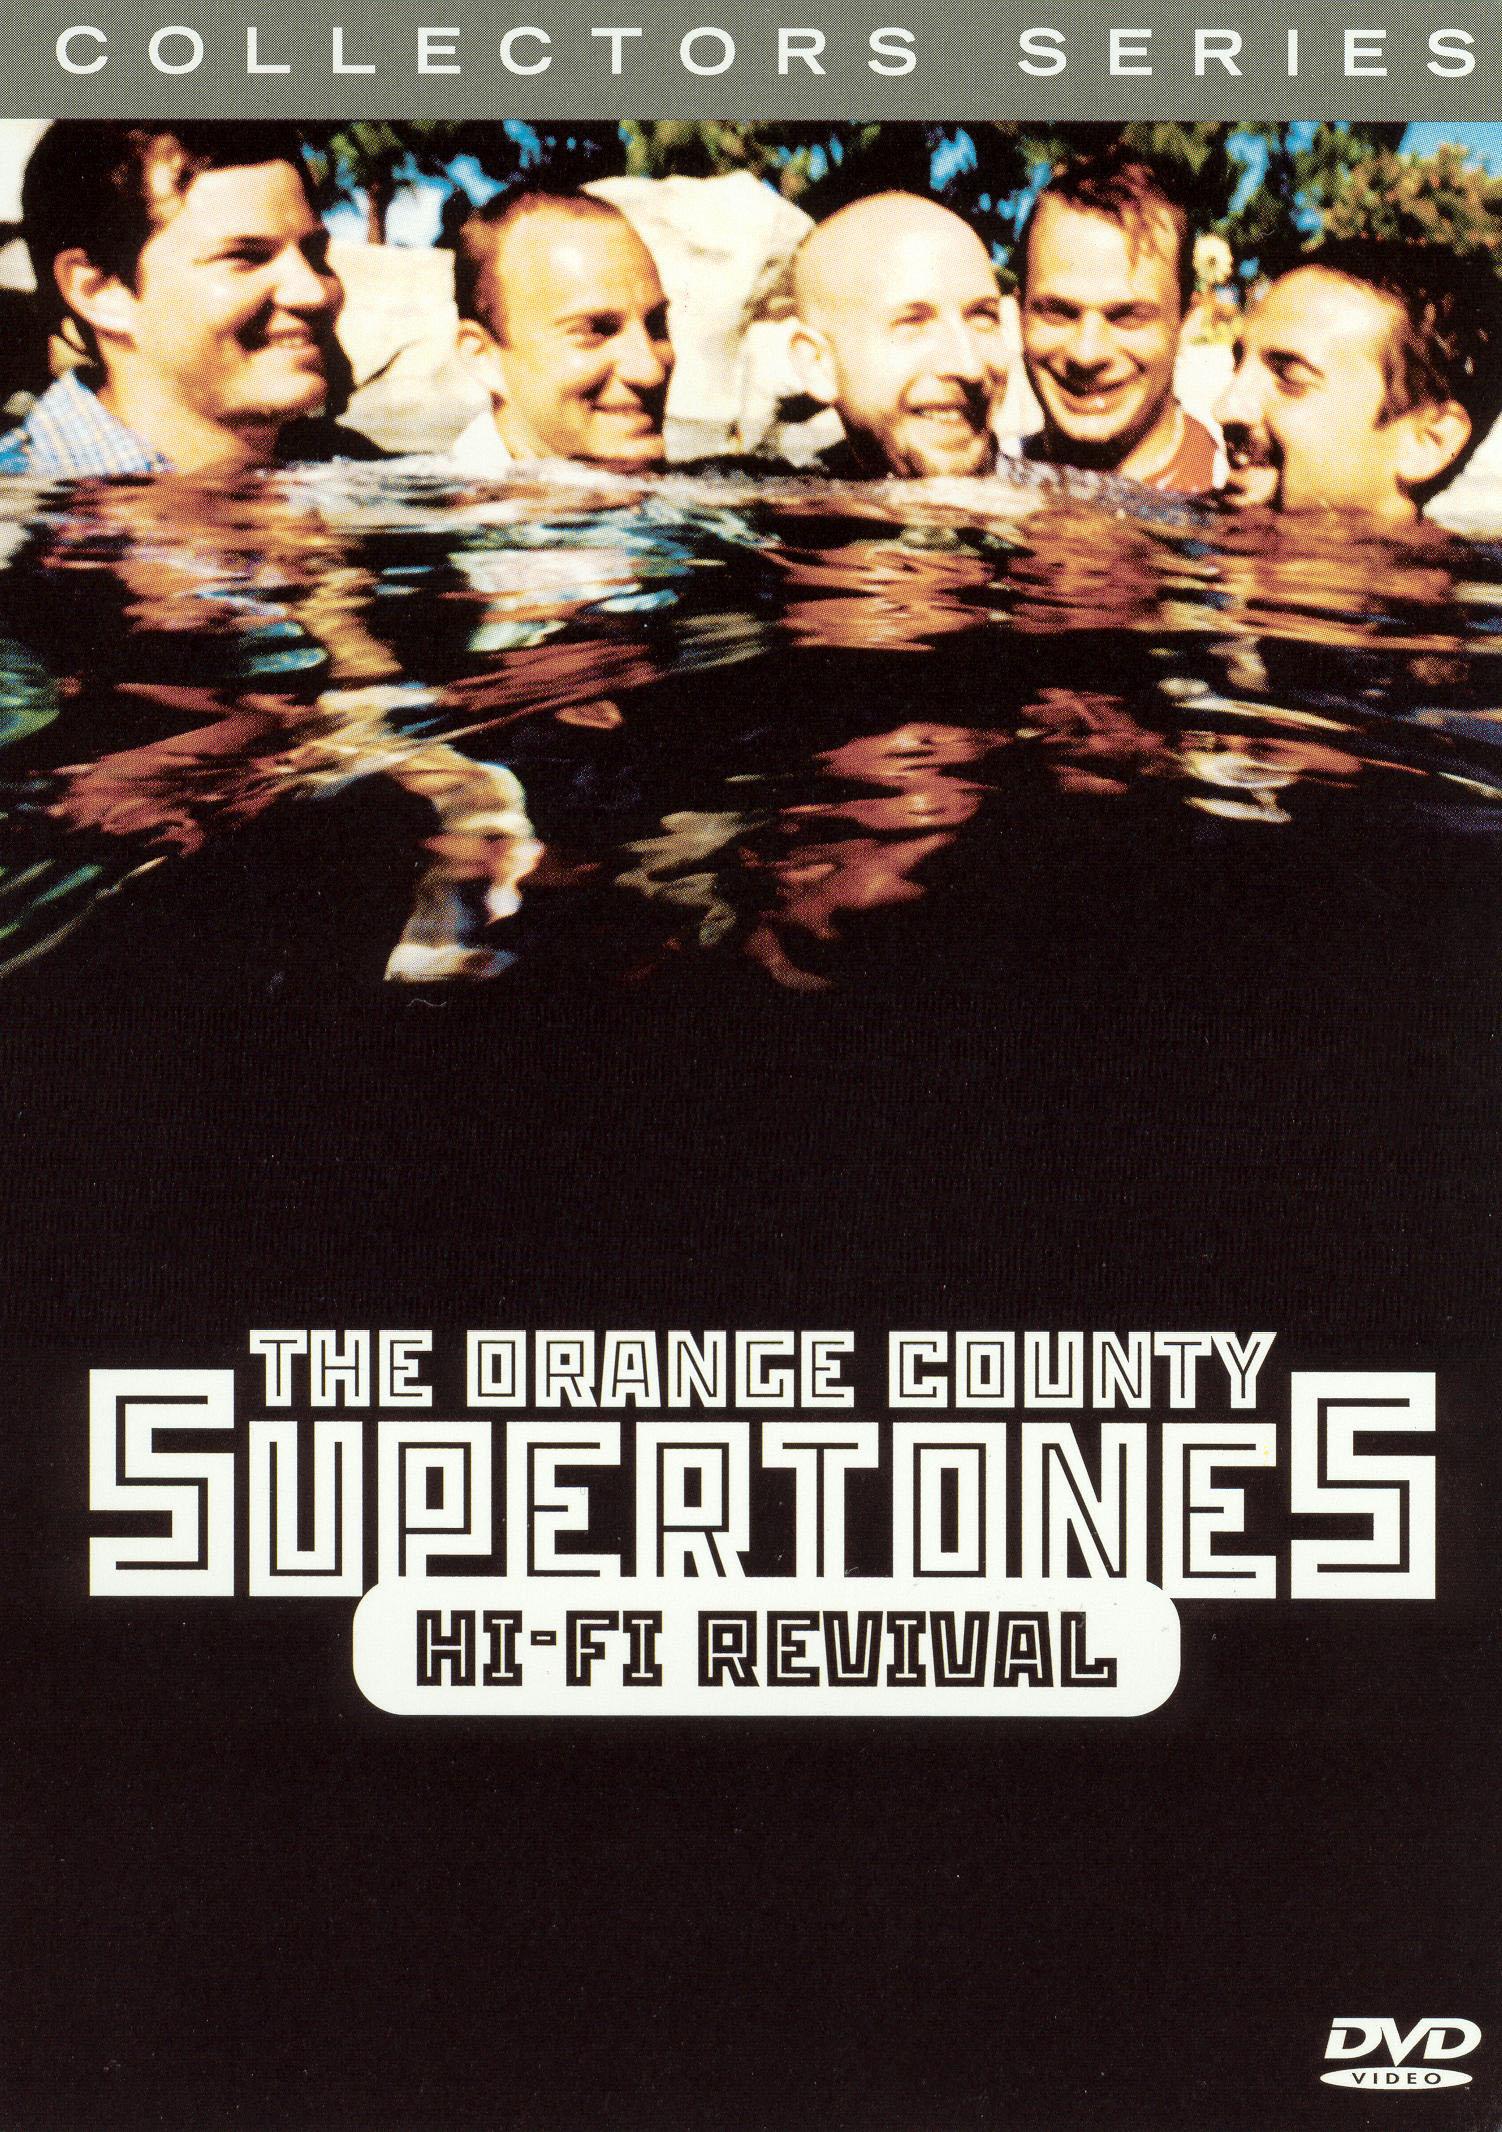 Collectors Series: The Orange County Supertones - Hi-Fi Revival